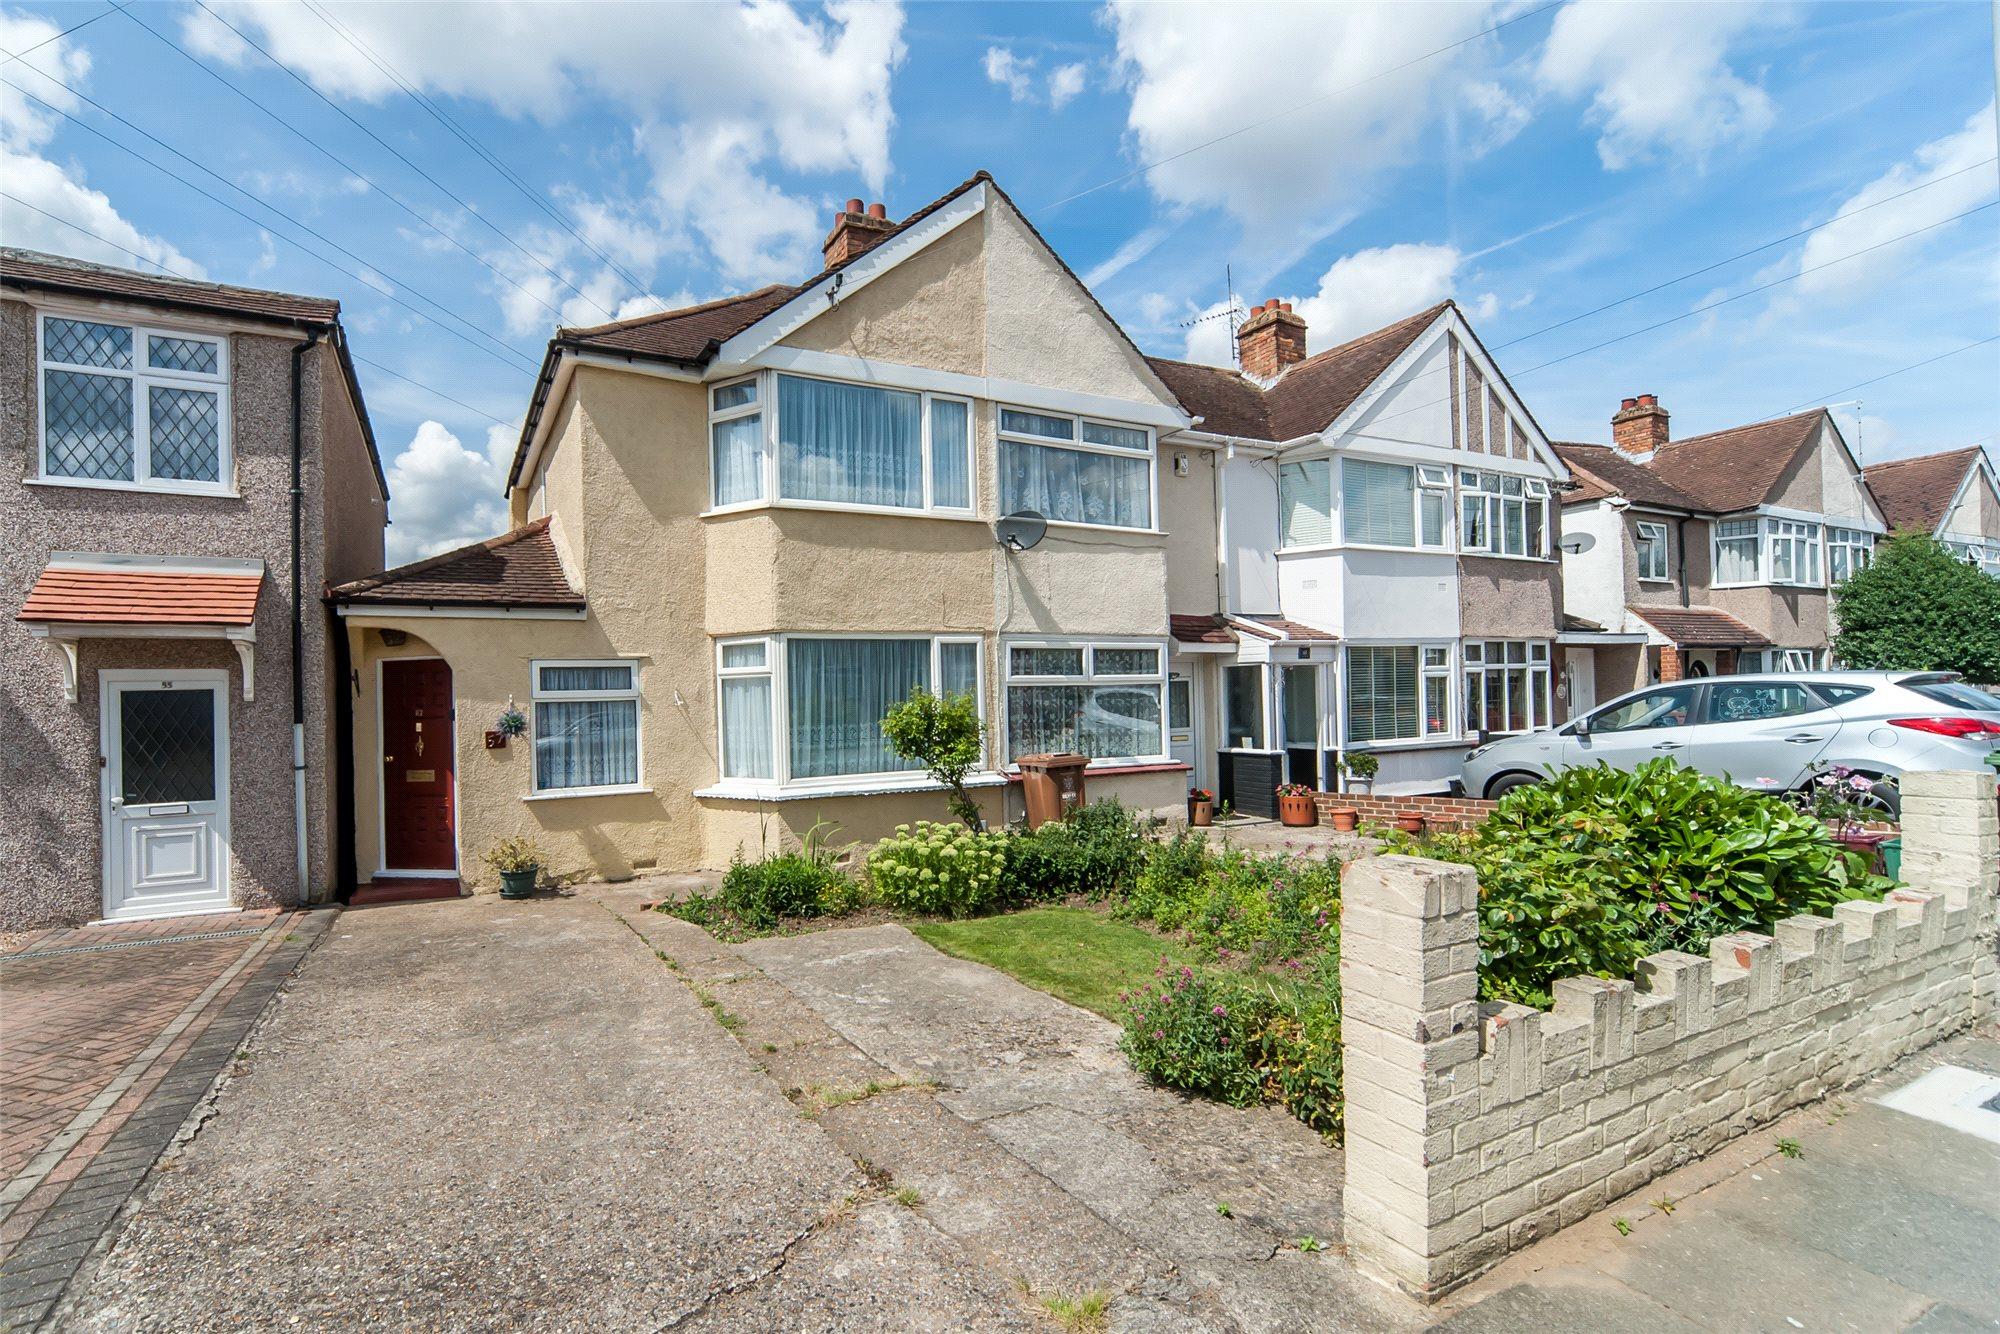 Crofton Avenue, Bexley, Kent, DA5